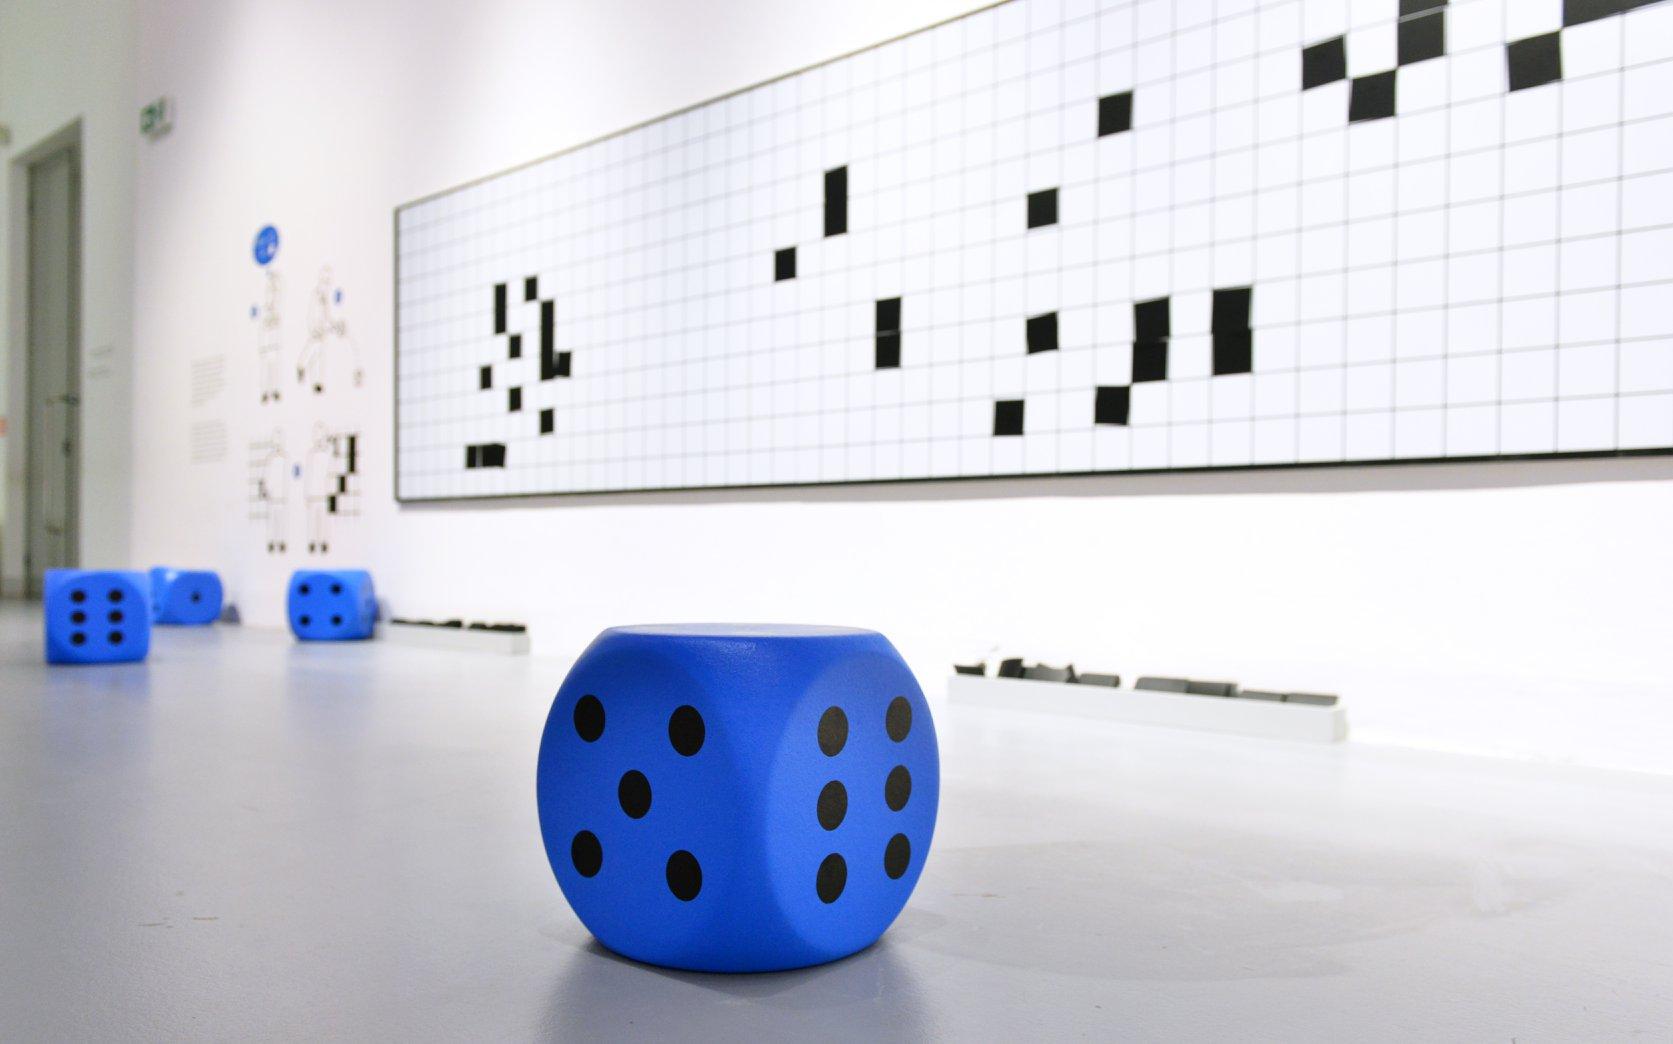 """Wystawa """"Wszystko widzę jako sztukę"""". Na zdjęciu widać duże, niebieskie kostki do gry leżące na podłodze galerii."""